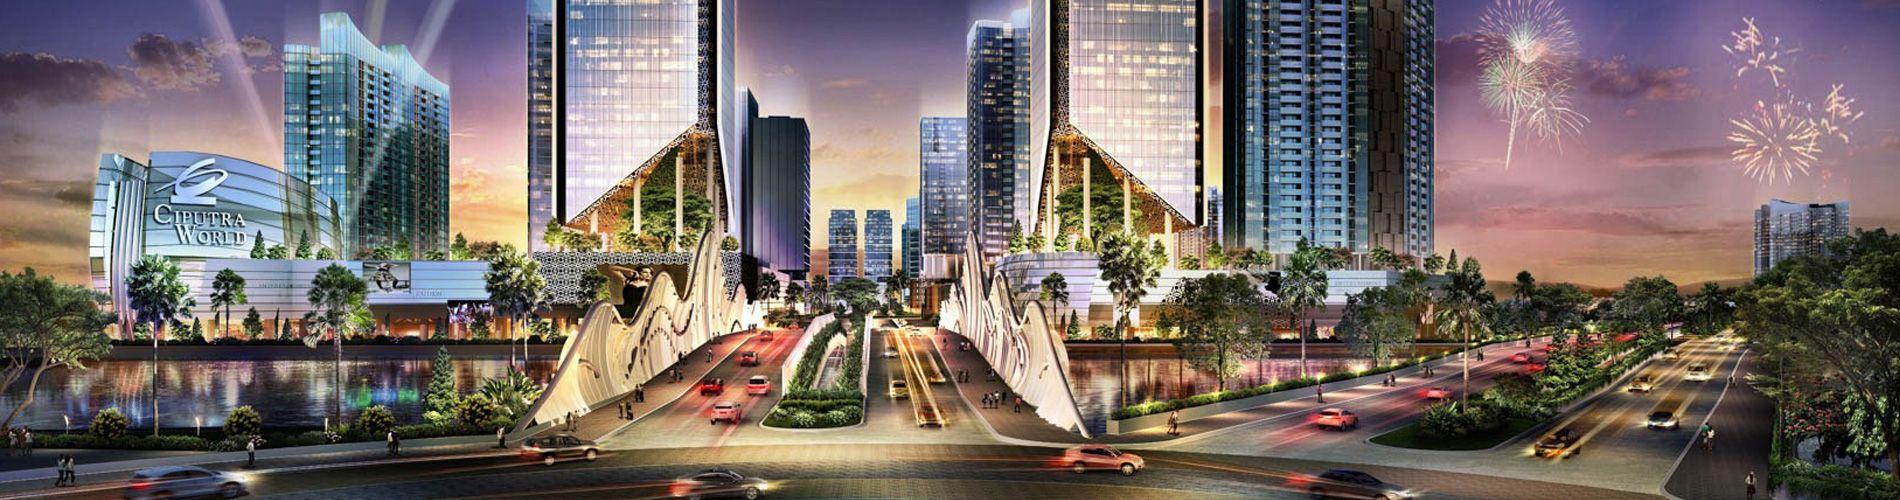 Komersial Business Park - Citraland City Losari di Makassar